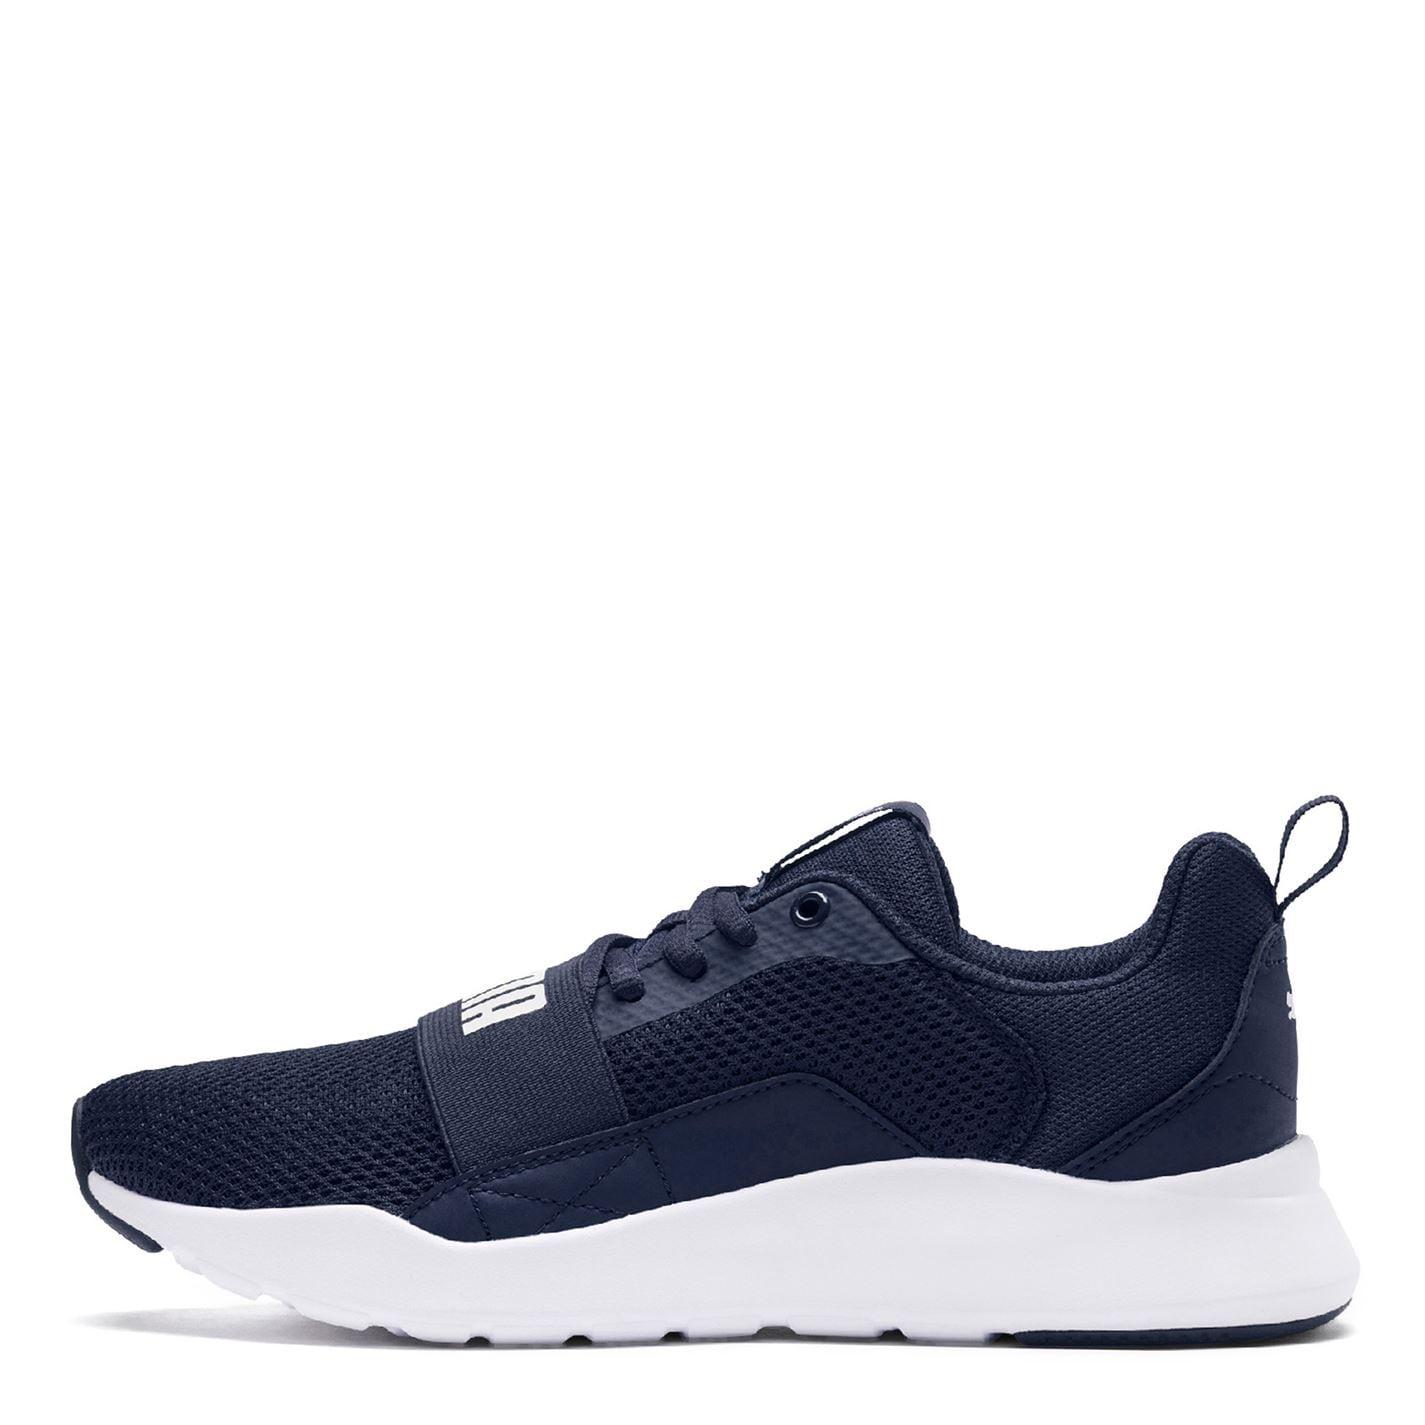 Puma Jago RipStop detské Running Shoes